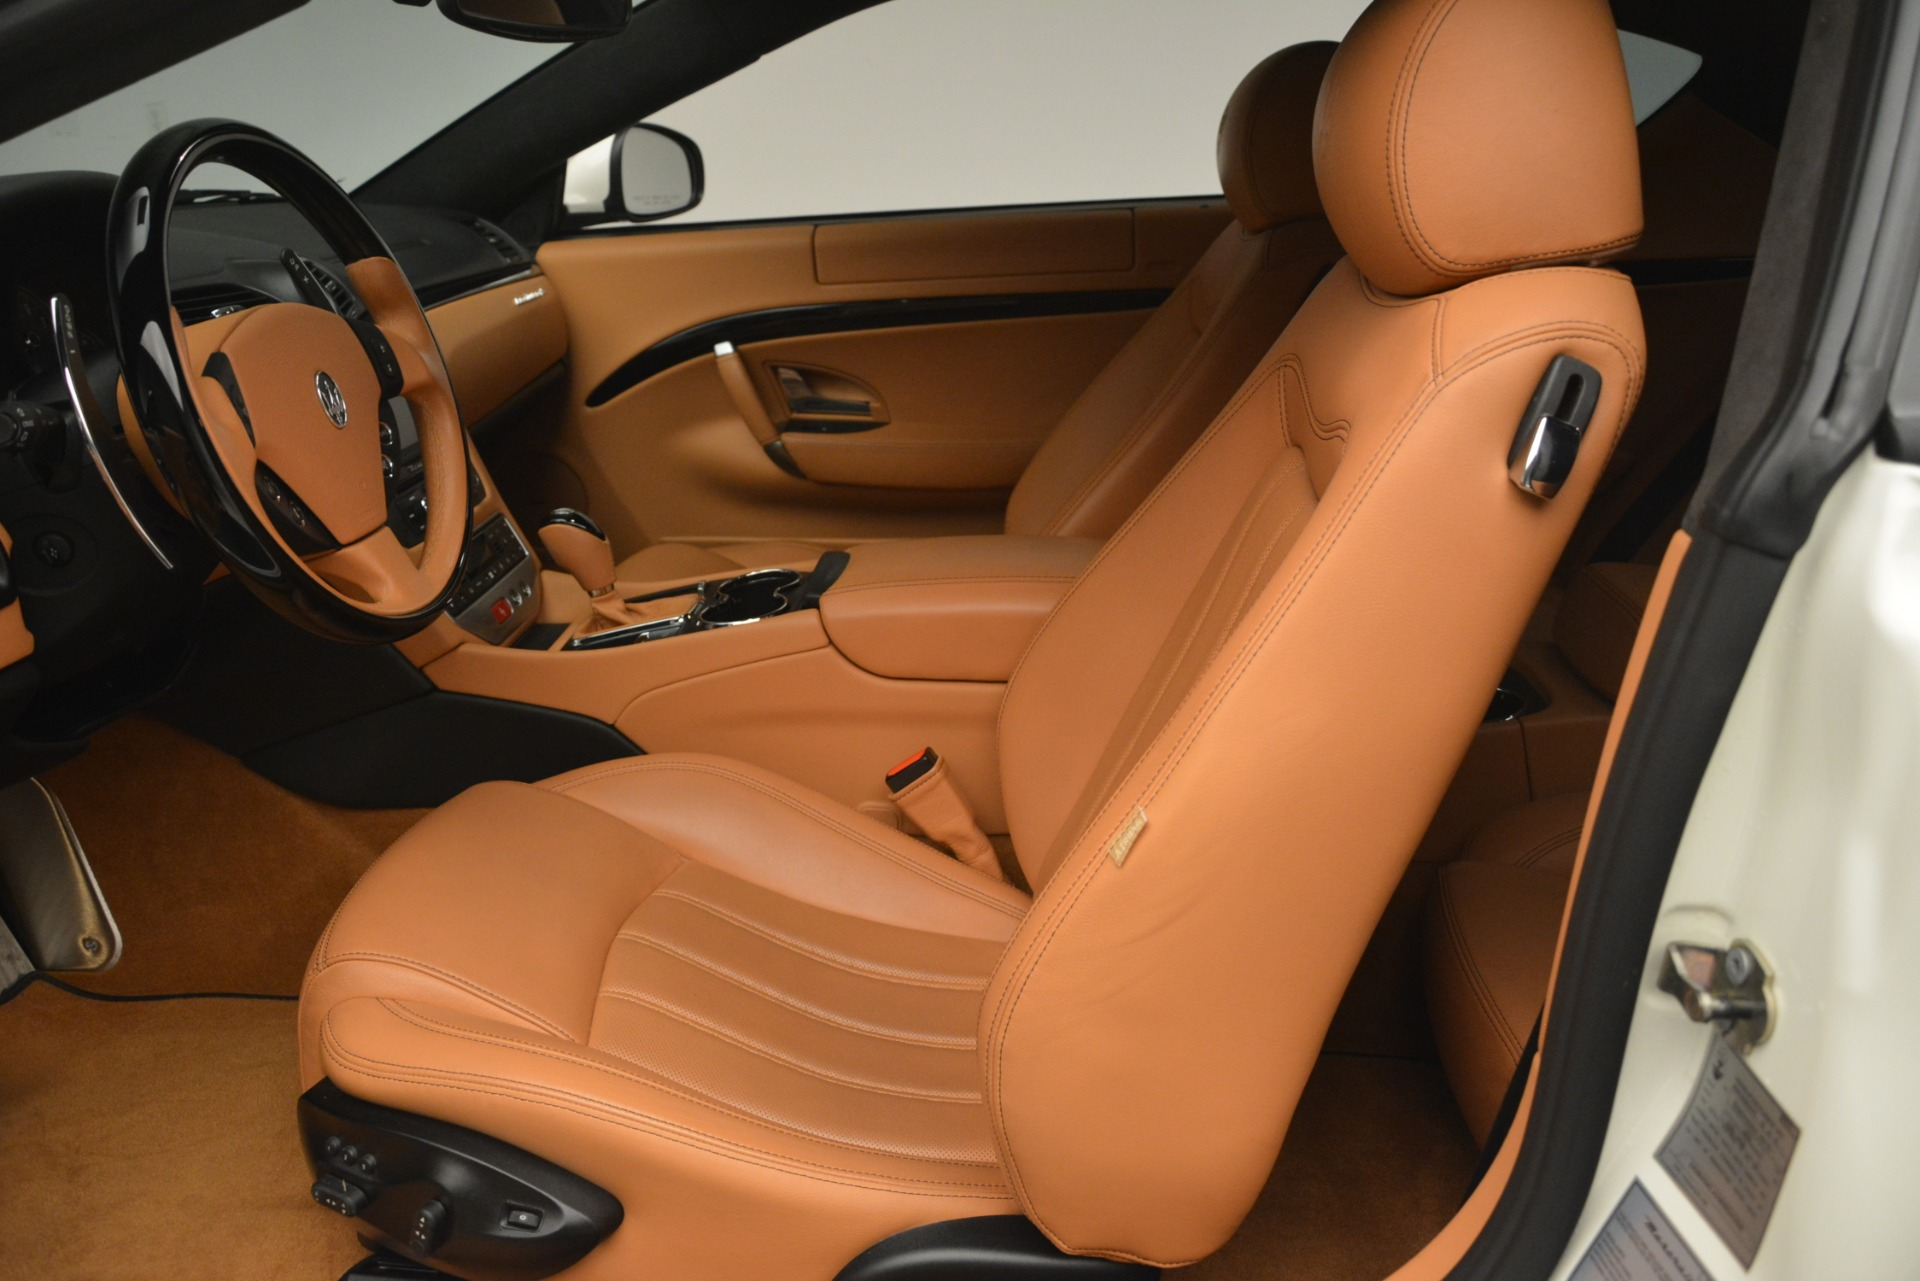 Used 2011 Maserati GranTurismo S Automatic For Sale In Greenwich, CT 3061_p14